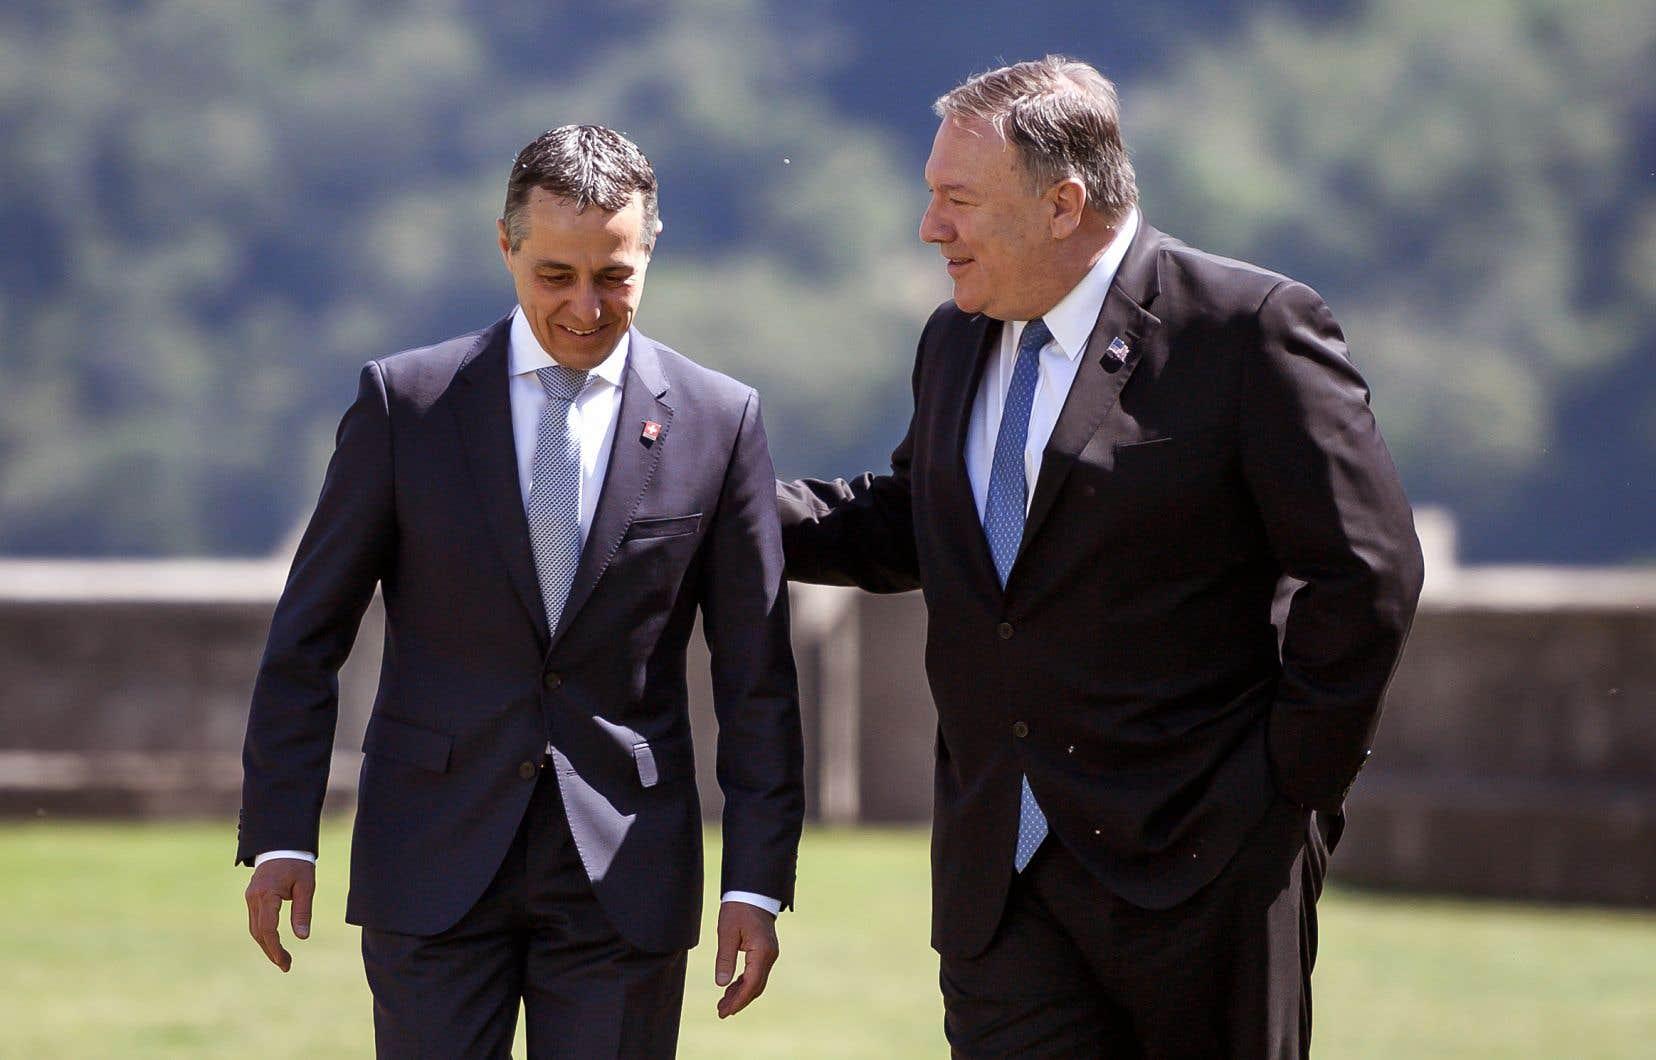 Le secrétaire d'État américain, Mike Pompeo (à droite), était en compagnie de son homologue suisse, Ignazio Cassis, à Castelgrande, un site médiéval niché dans les Alpes.